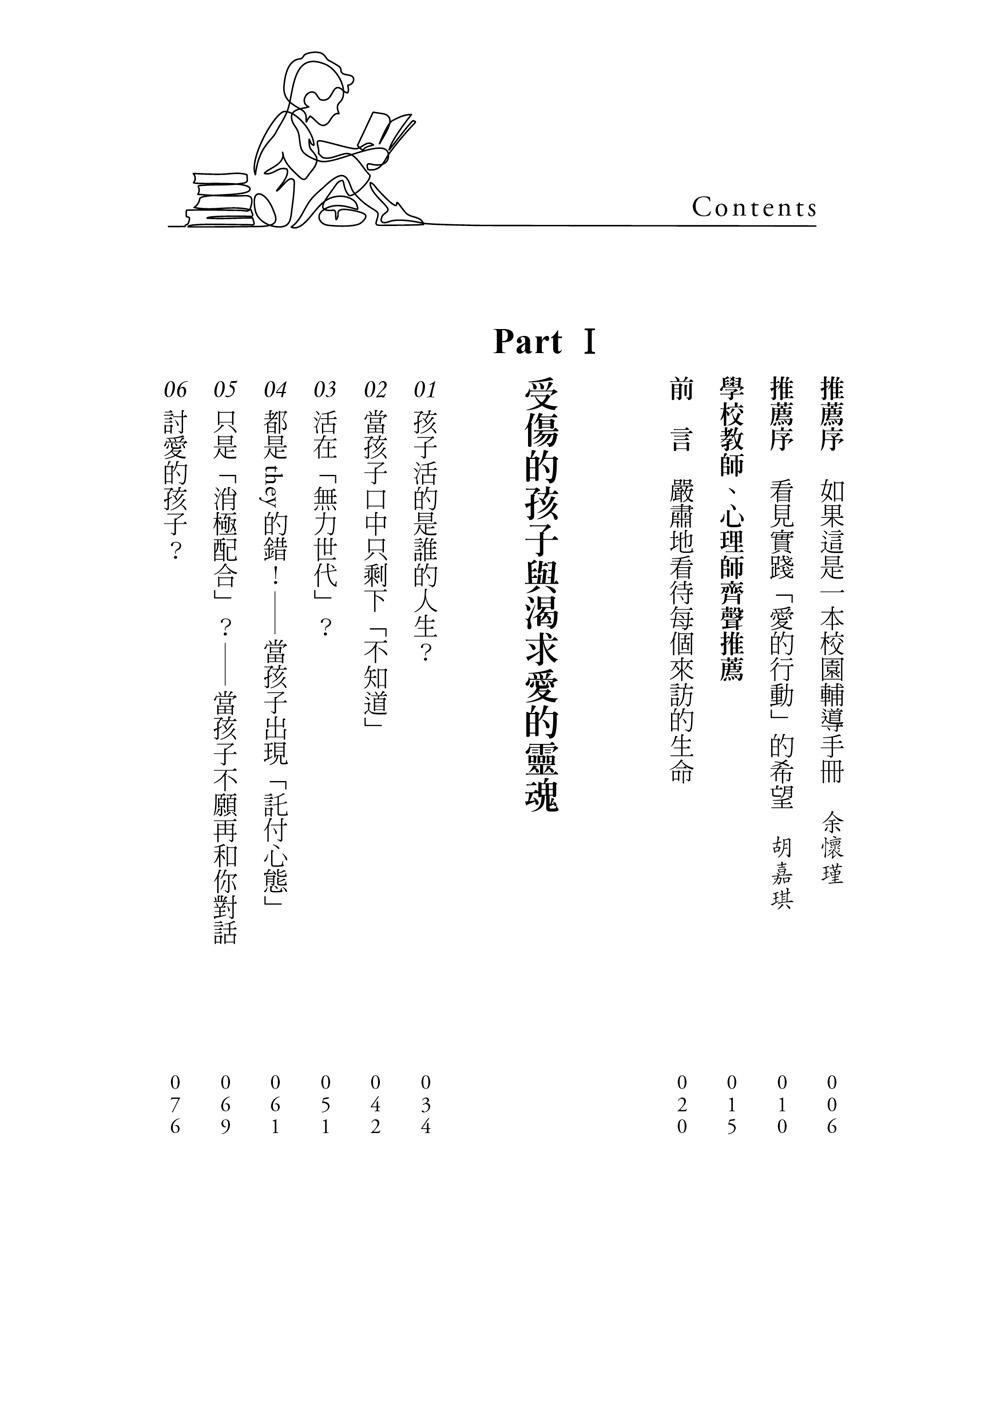 //im1.book.com.tw/image/getImage?i=http://www.books.com.tw/img/001/077/08/0010770814_b_02.jpg&v=5a0c1764&w=655&h=609